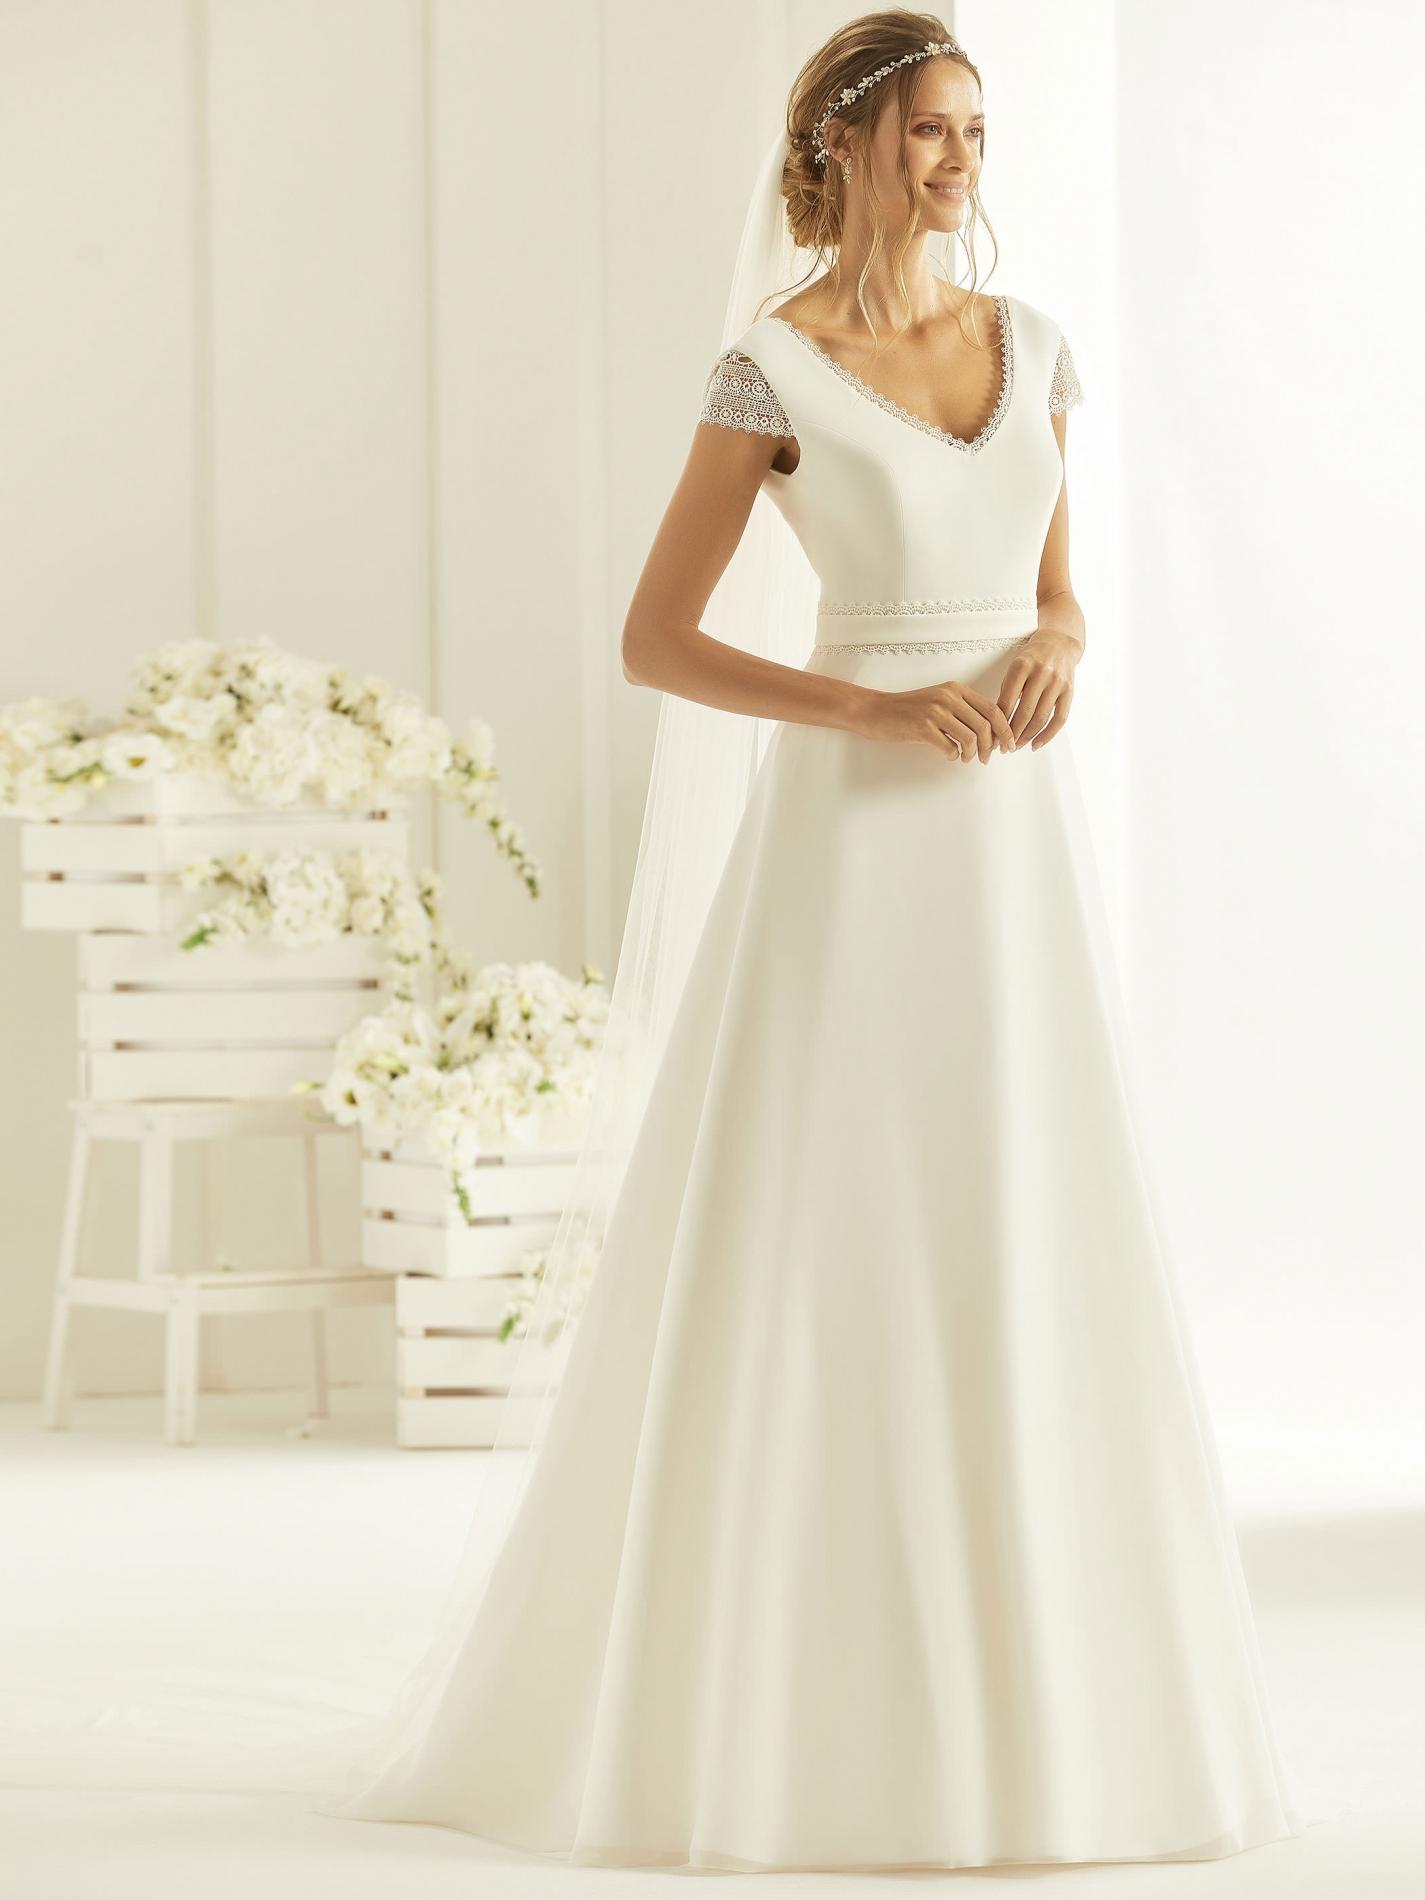 NATURA-(1) Bianco-Evento-bridal-dress